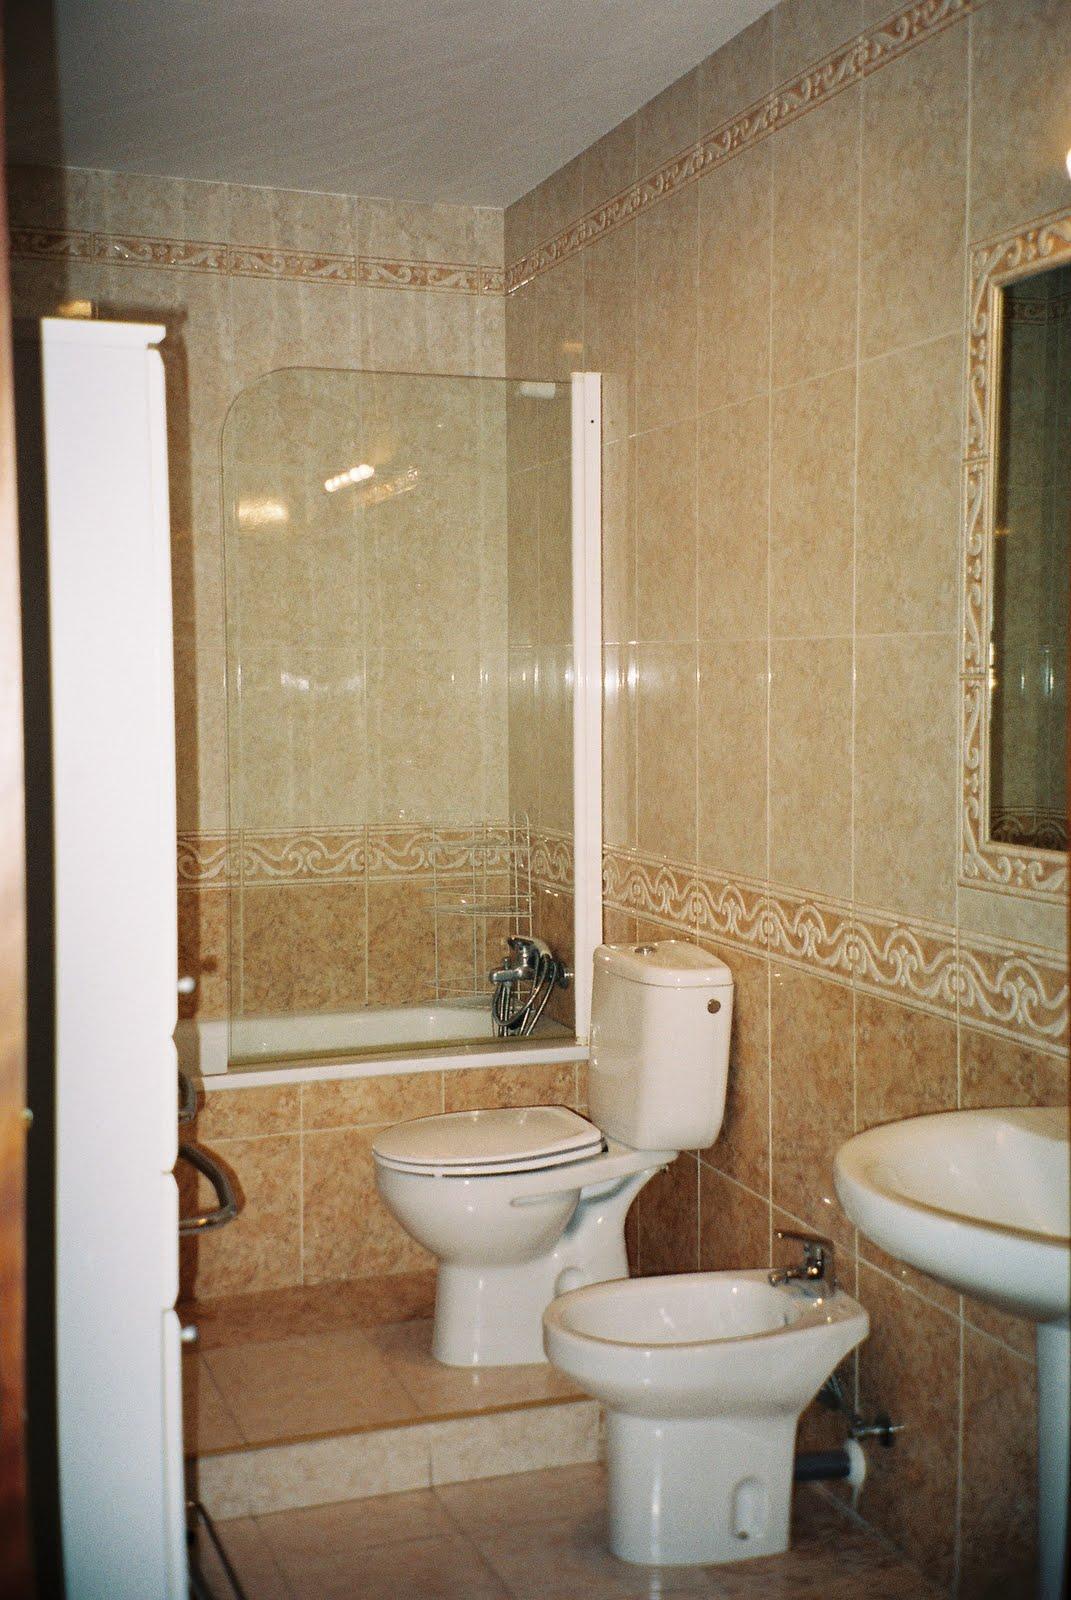 Baños Hermosos Fotos:los baños son todos nuevos y muy bonitos